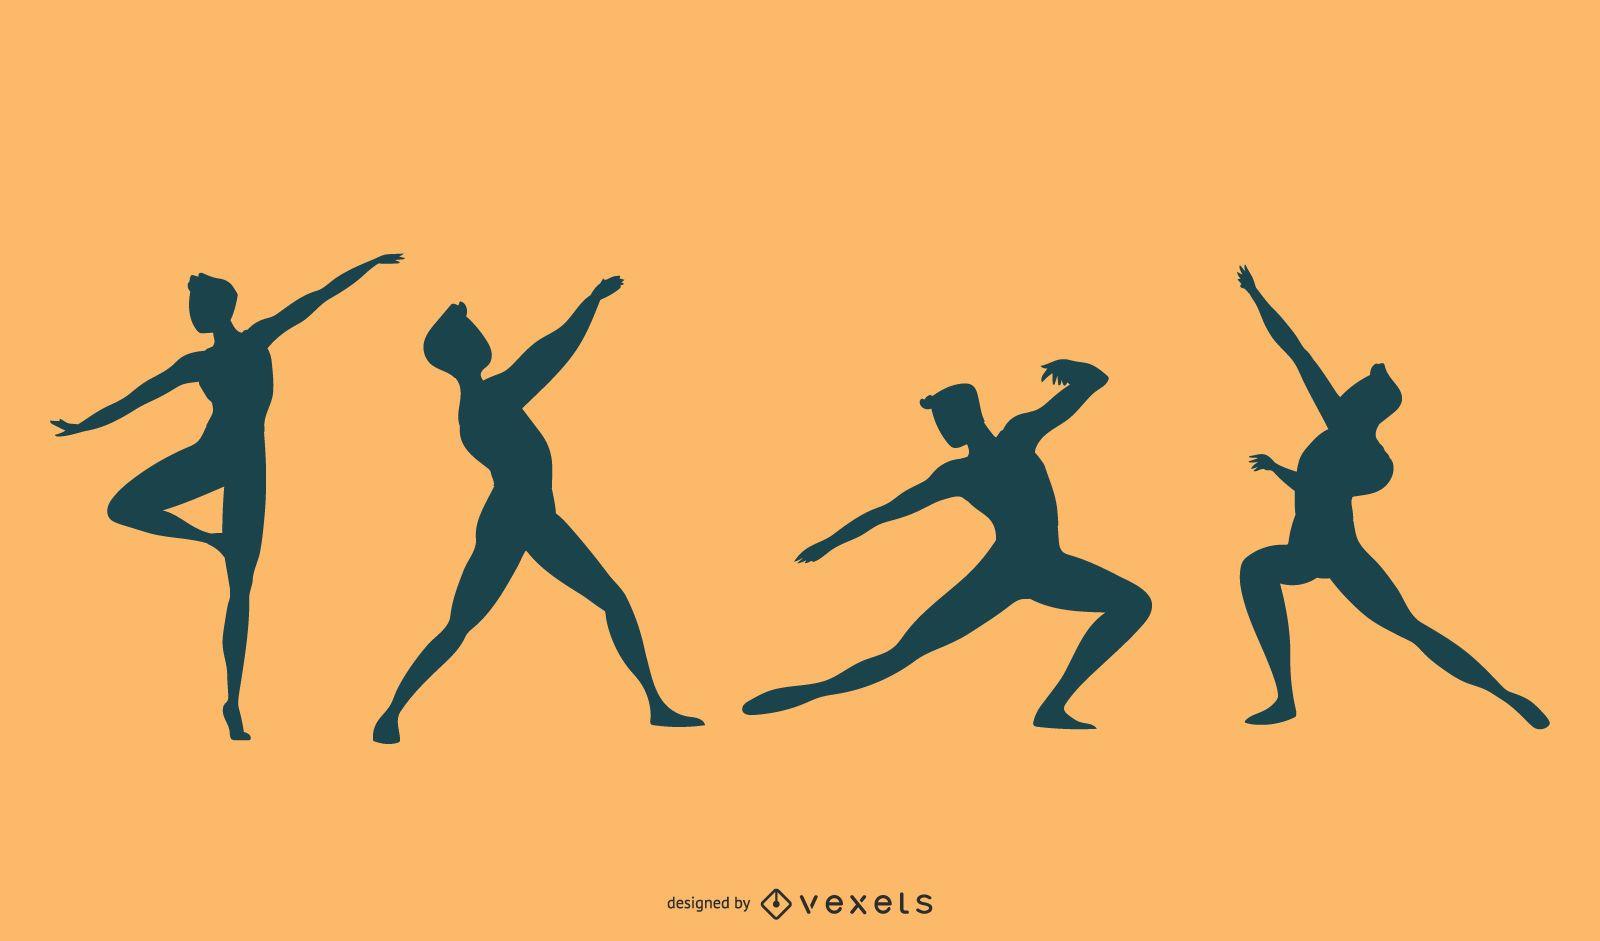 Conjunto de vectores de silueta de bailarina de ballet masculino